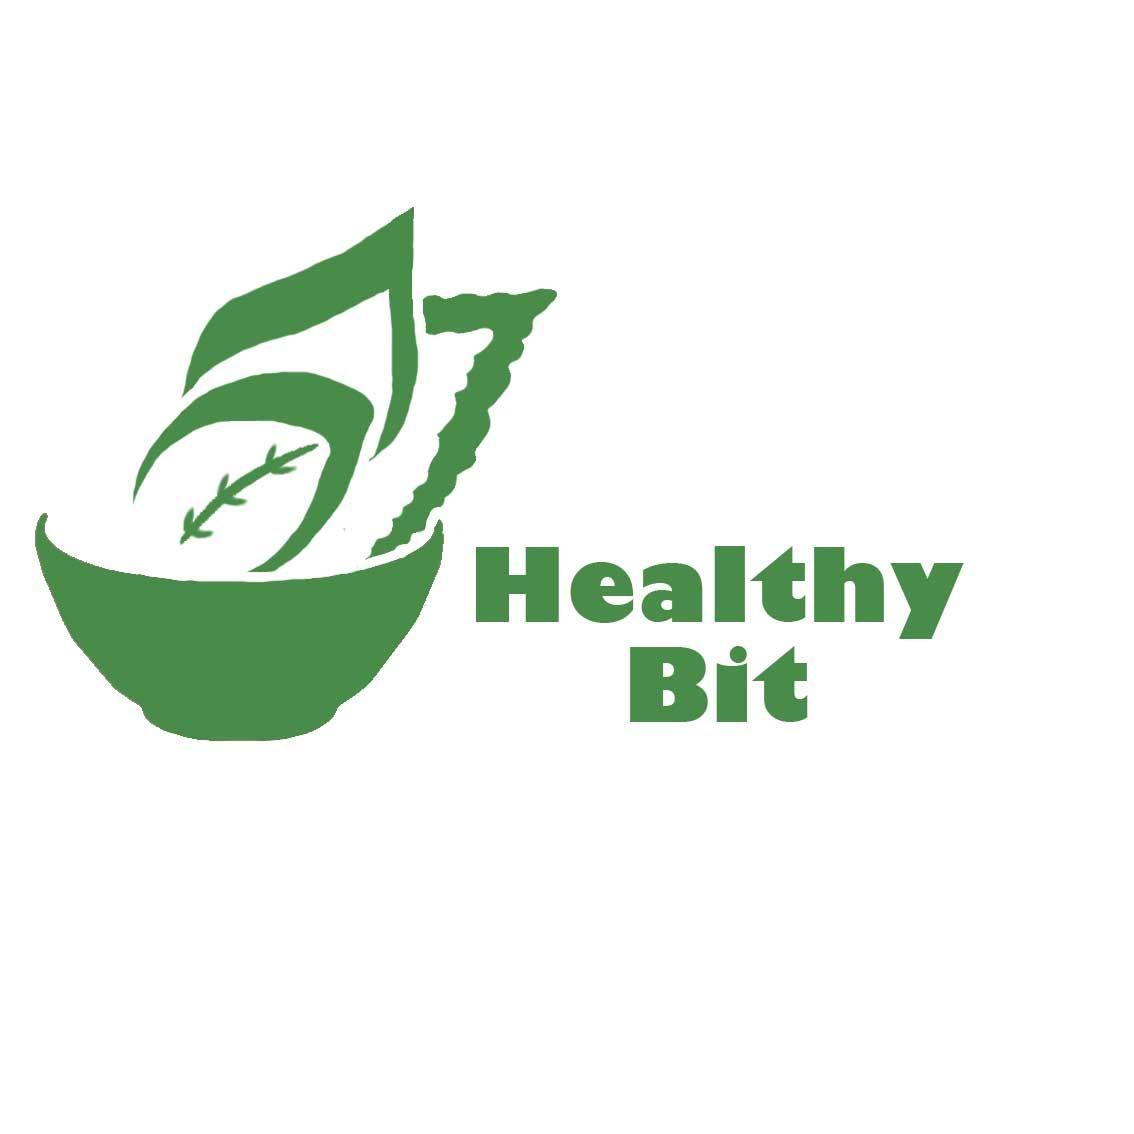 Healthy Bit или Healthy Beet - дизайнер Andreev_Andrei